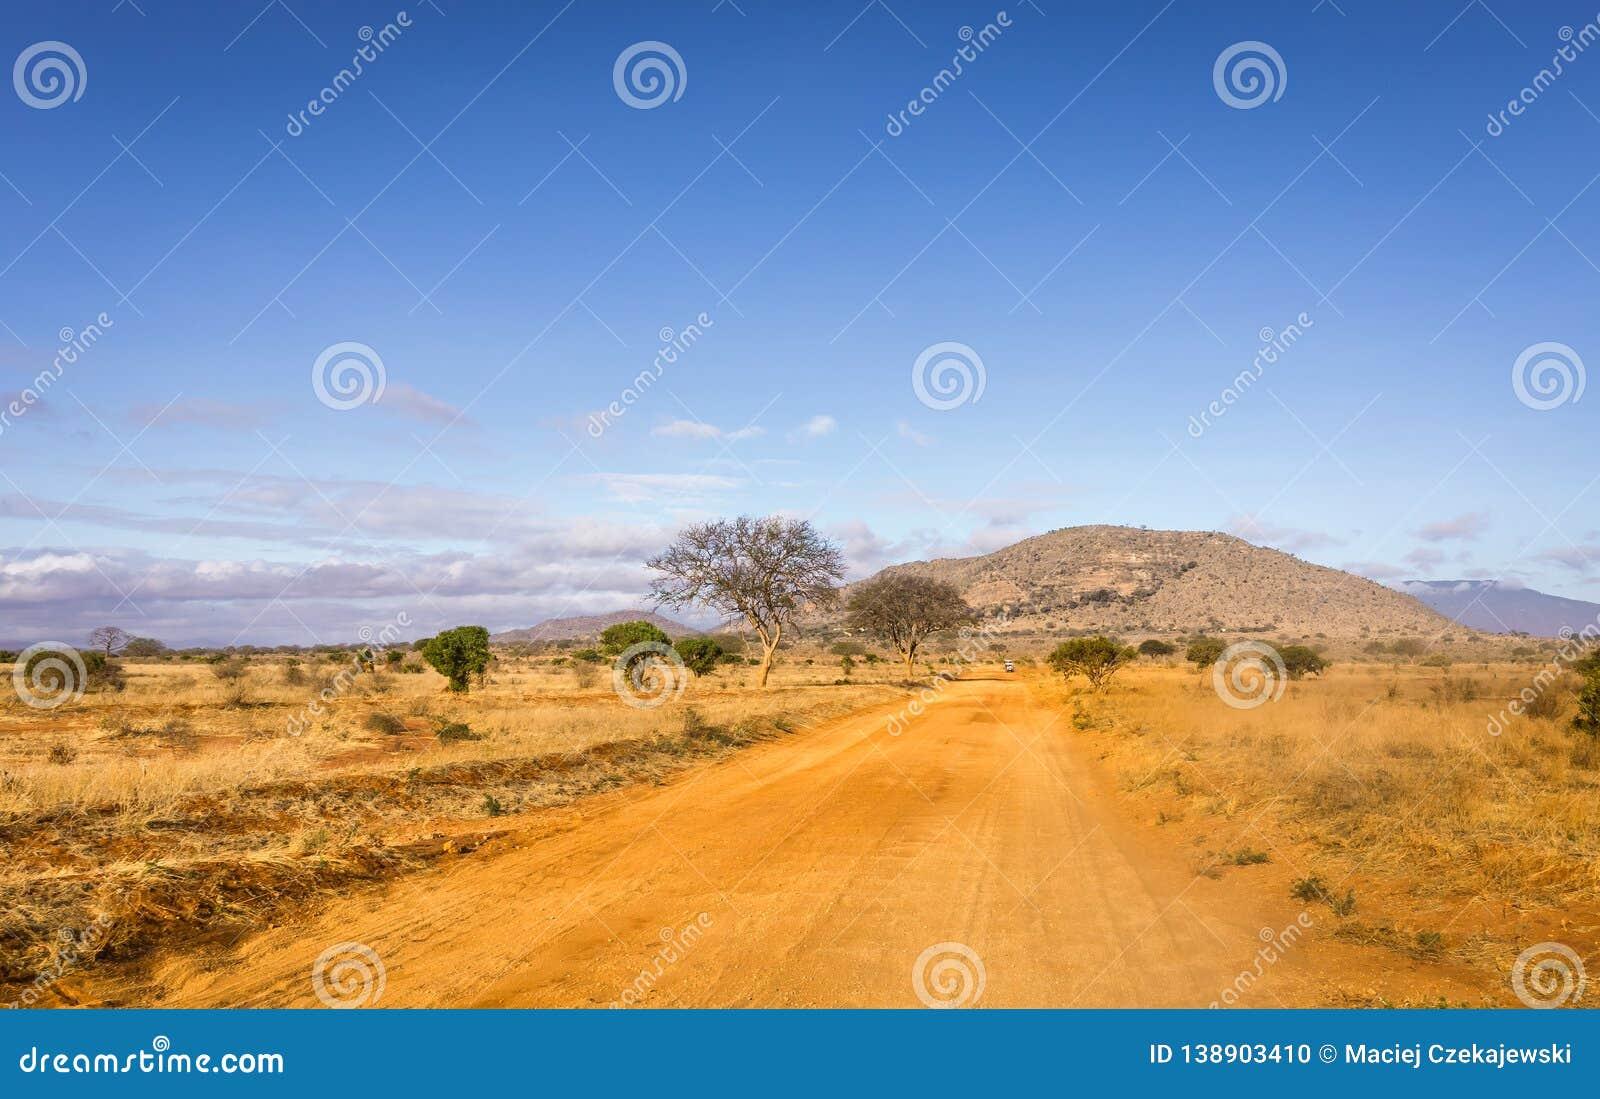 Safari road in Kenya